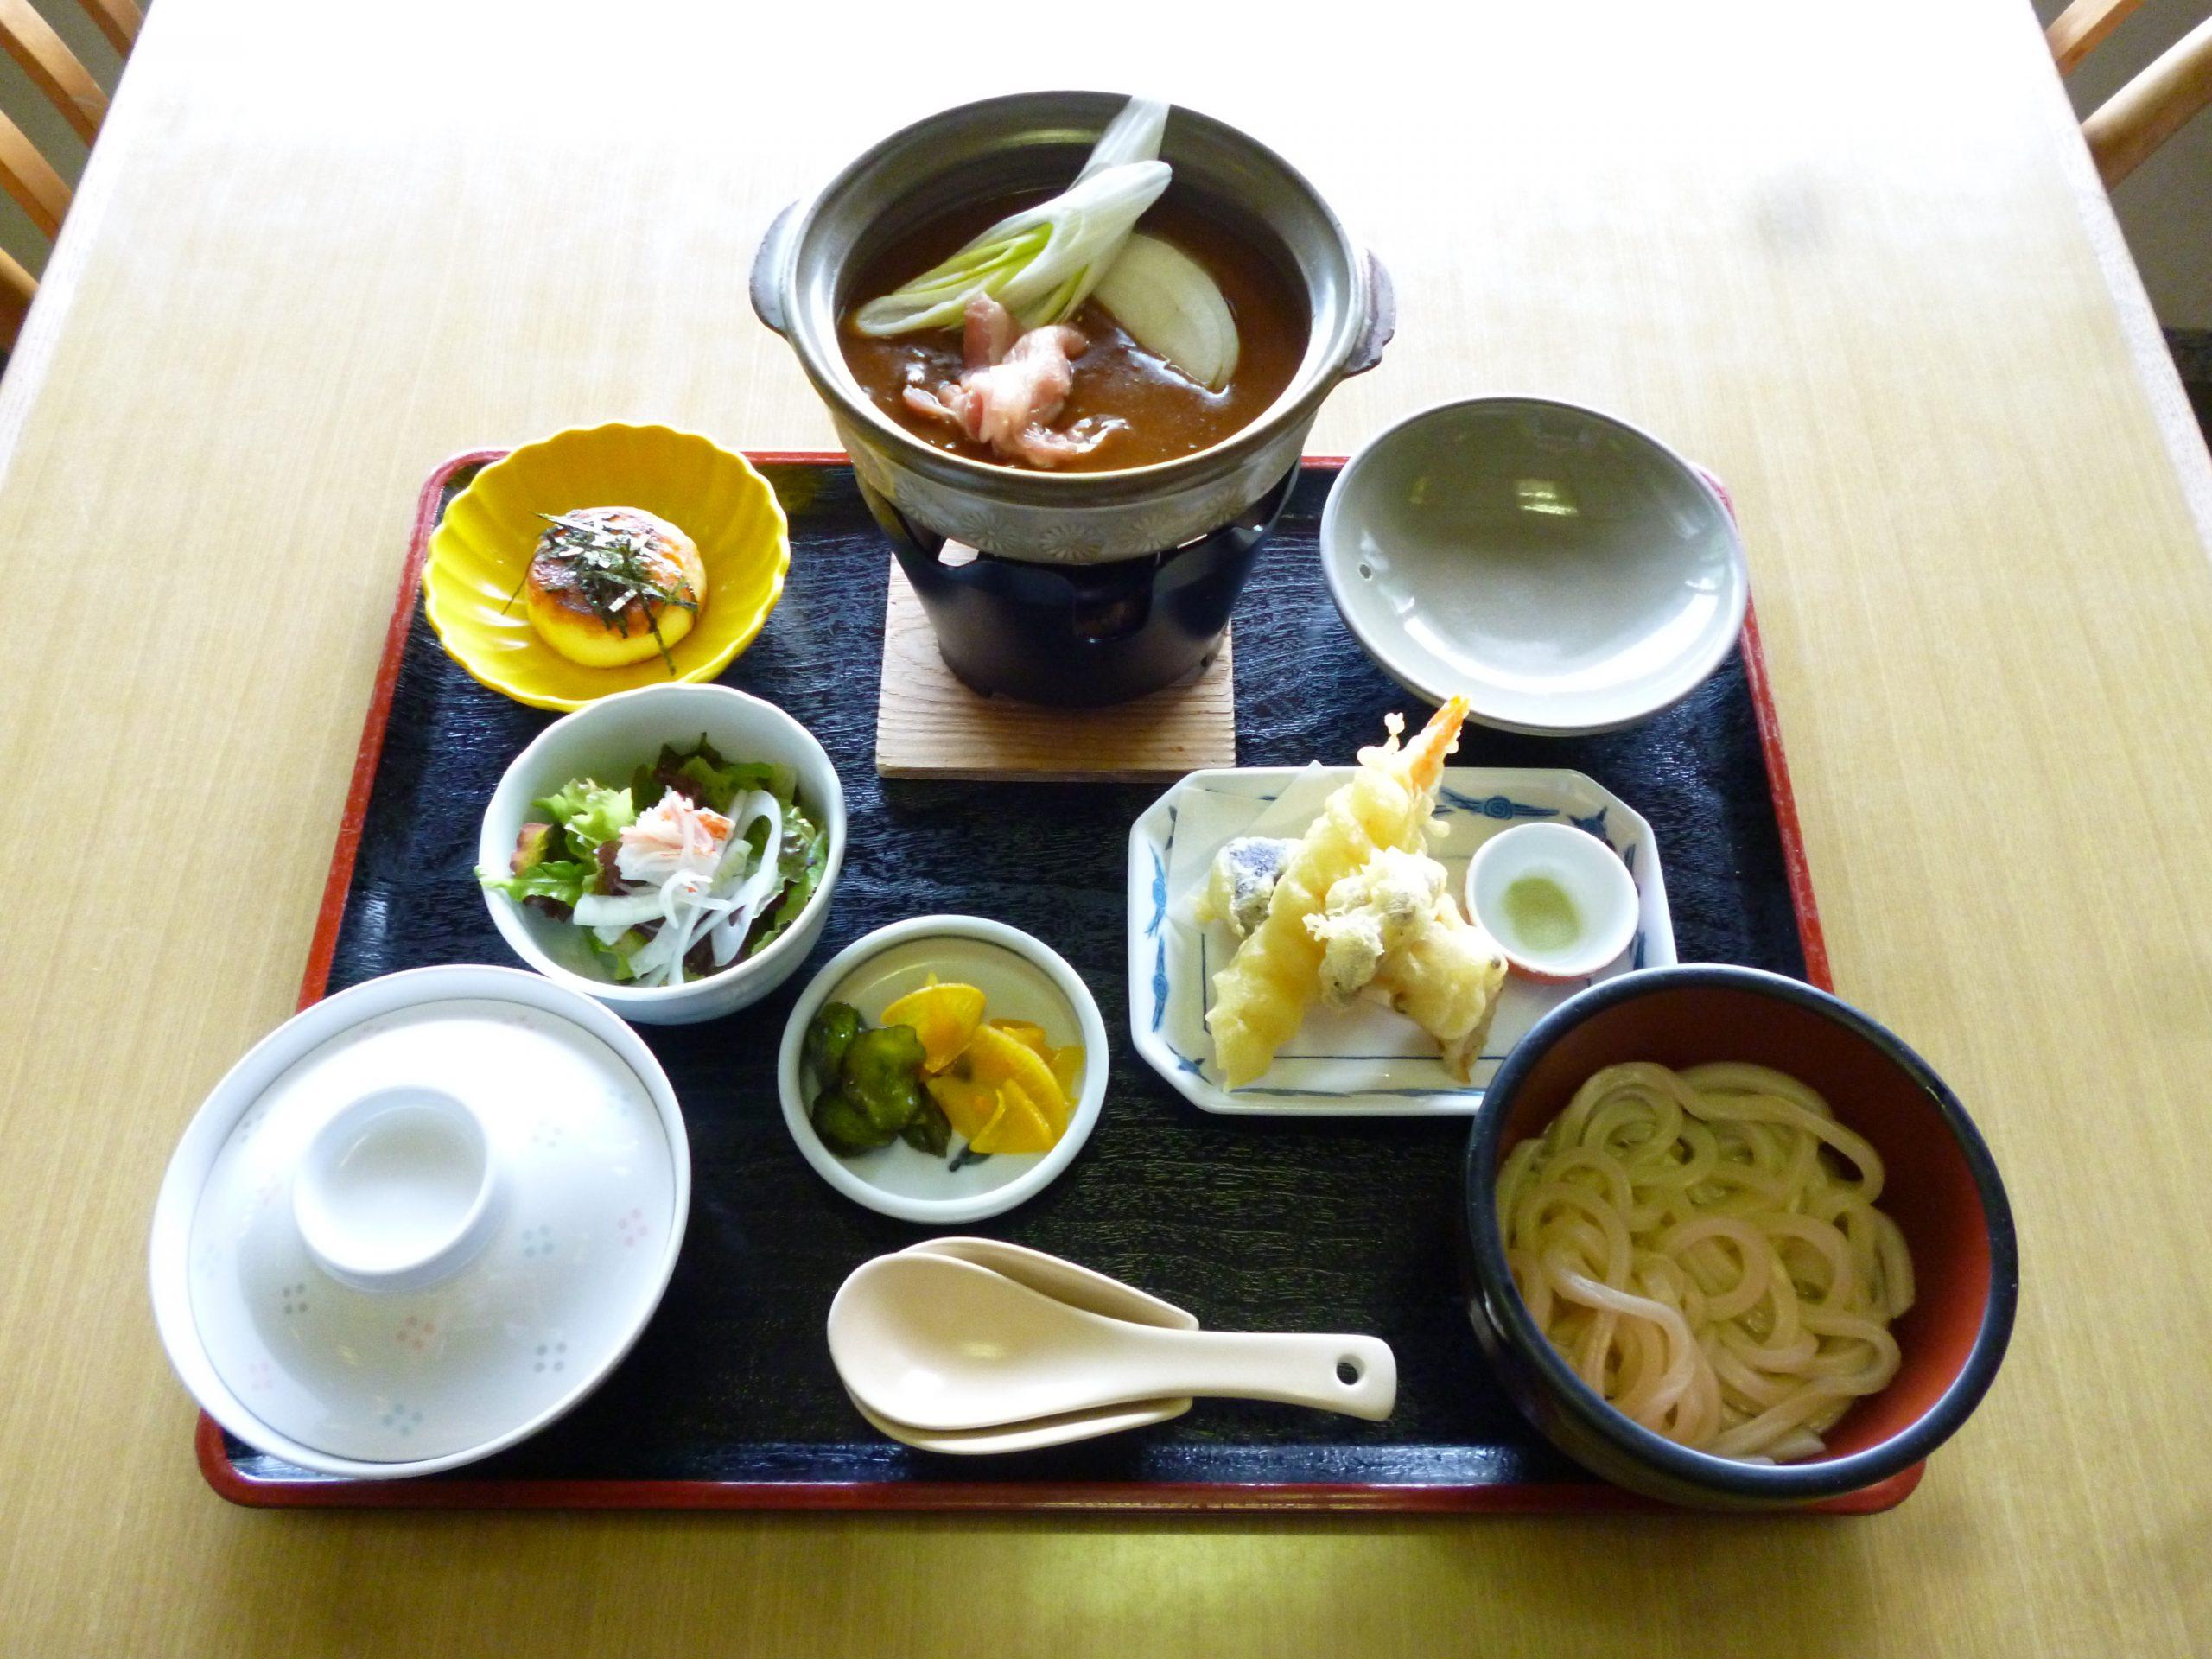 蜂カレーうどん御膳 / 1800円